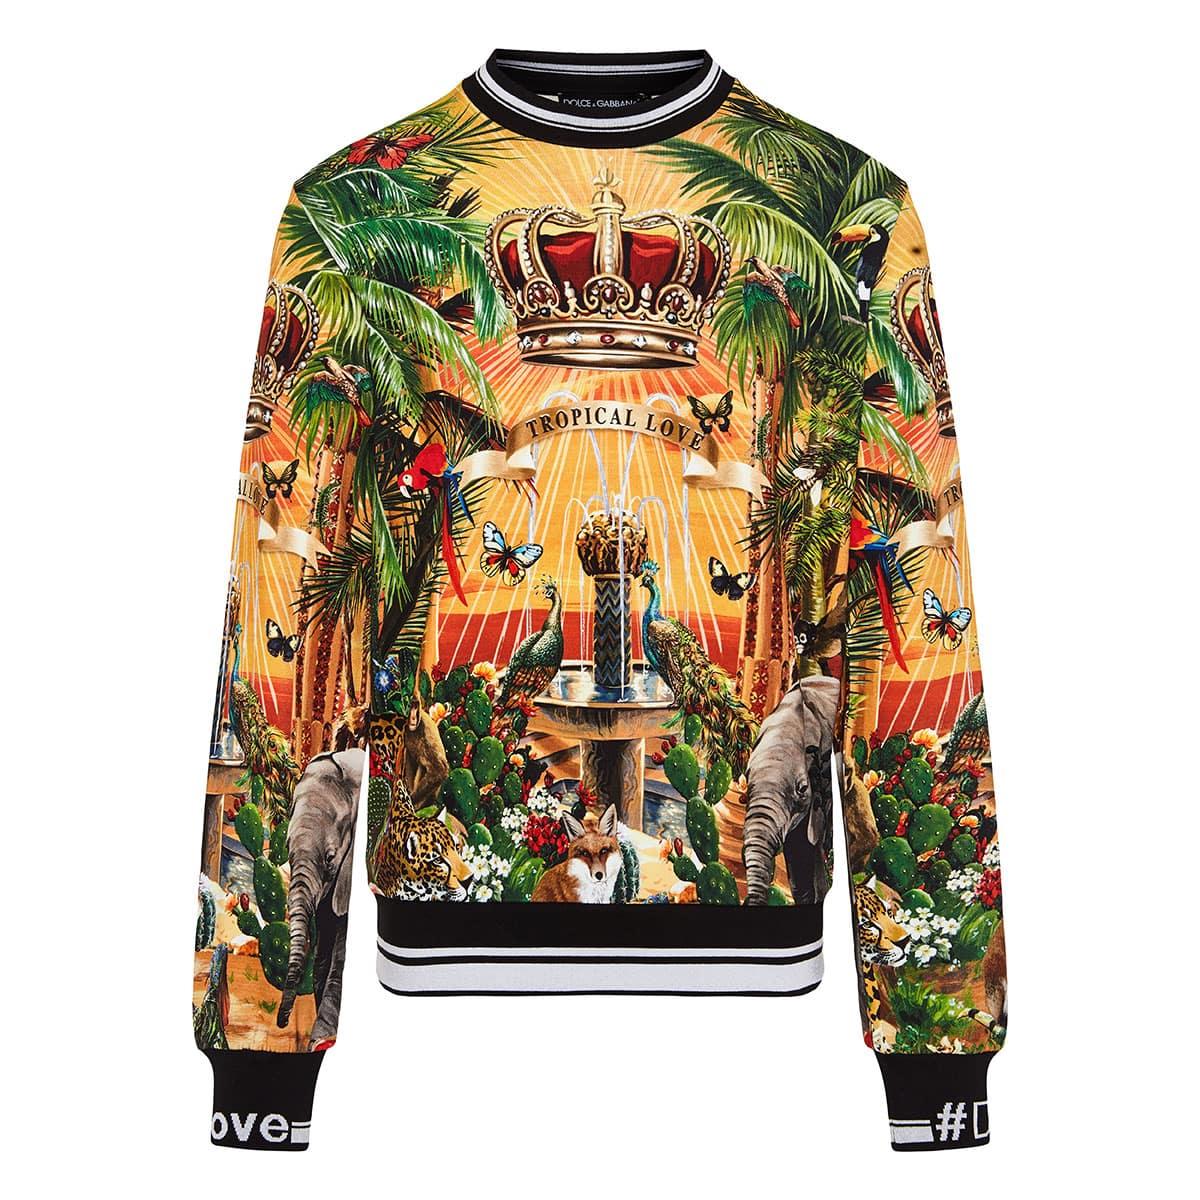 Tropical printed DG king sweatshirt